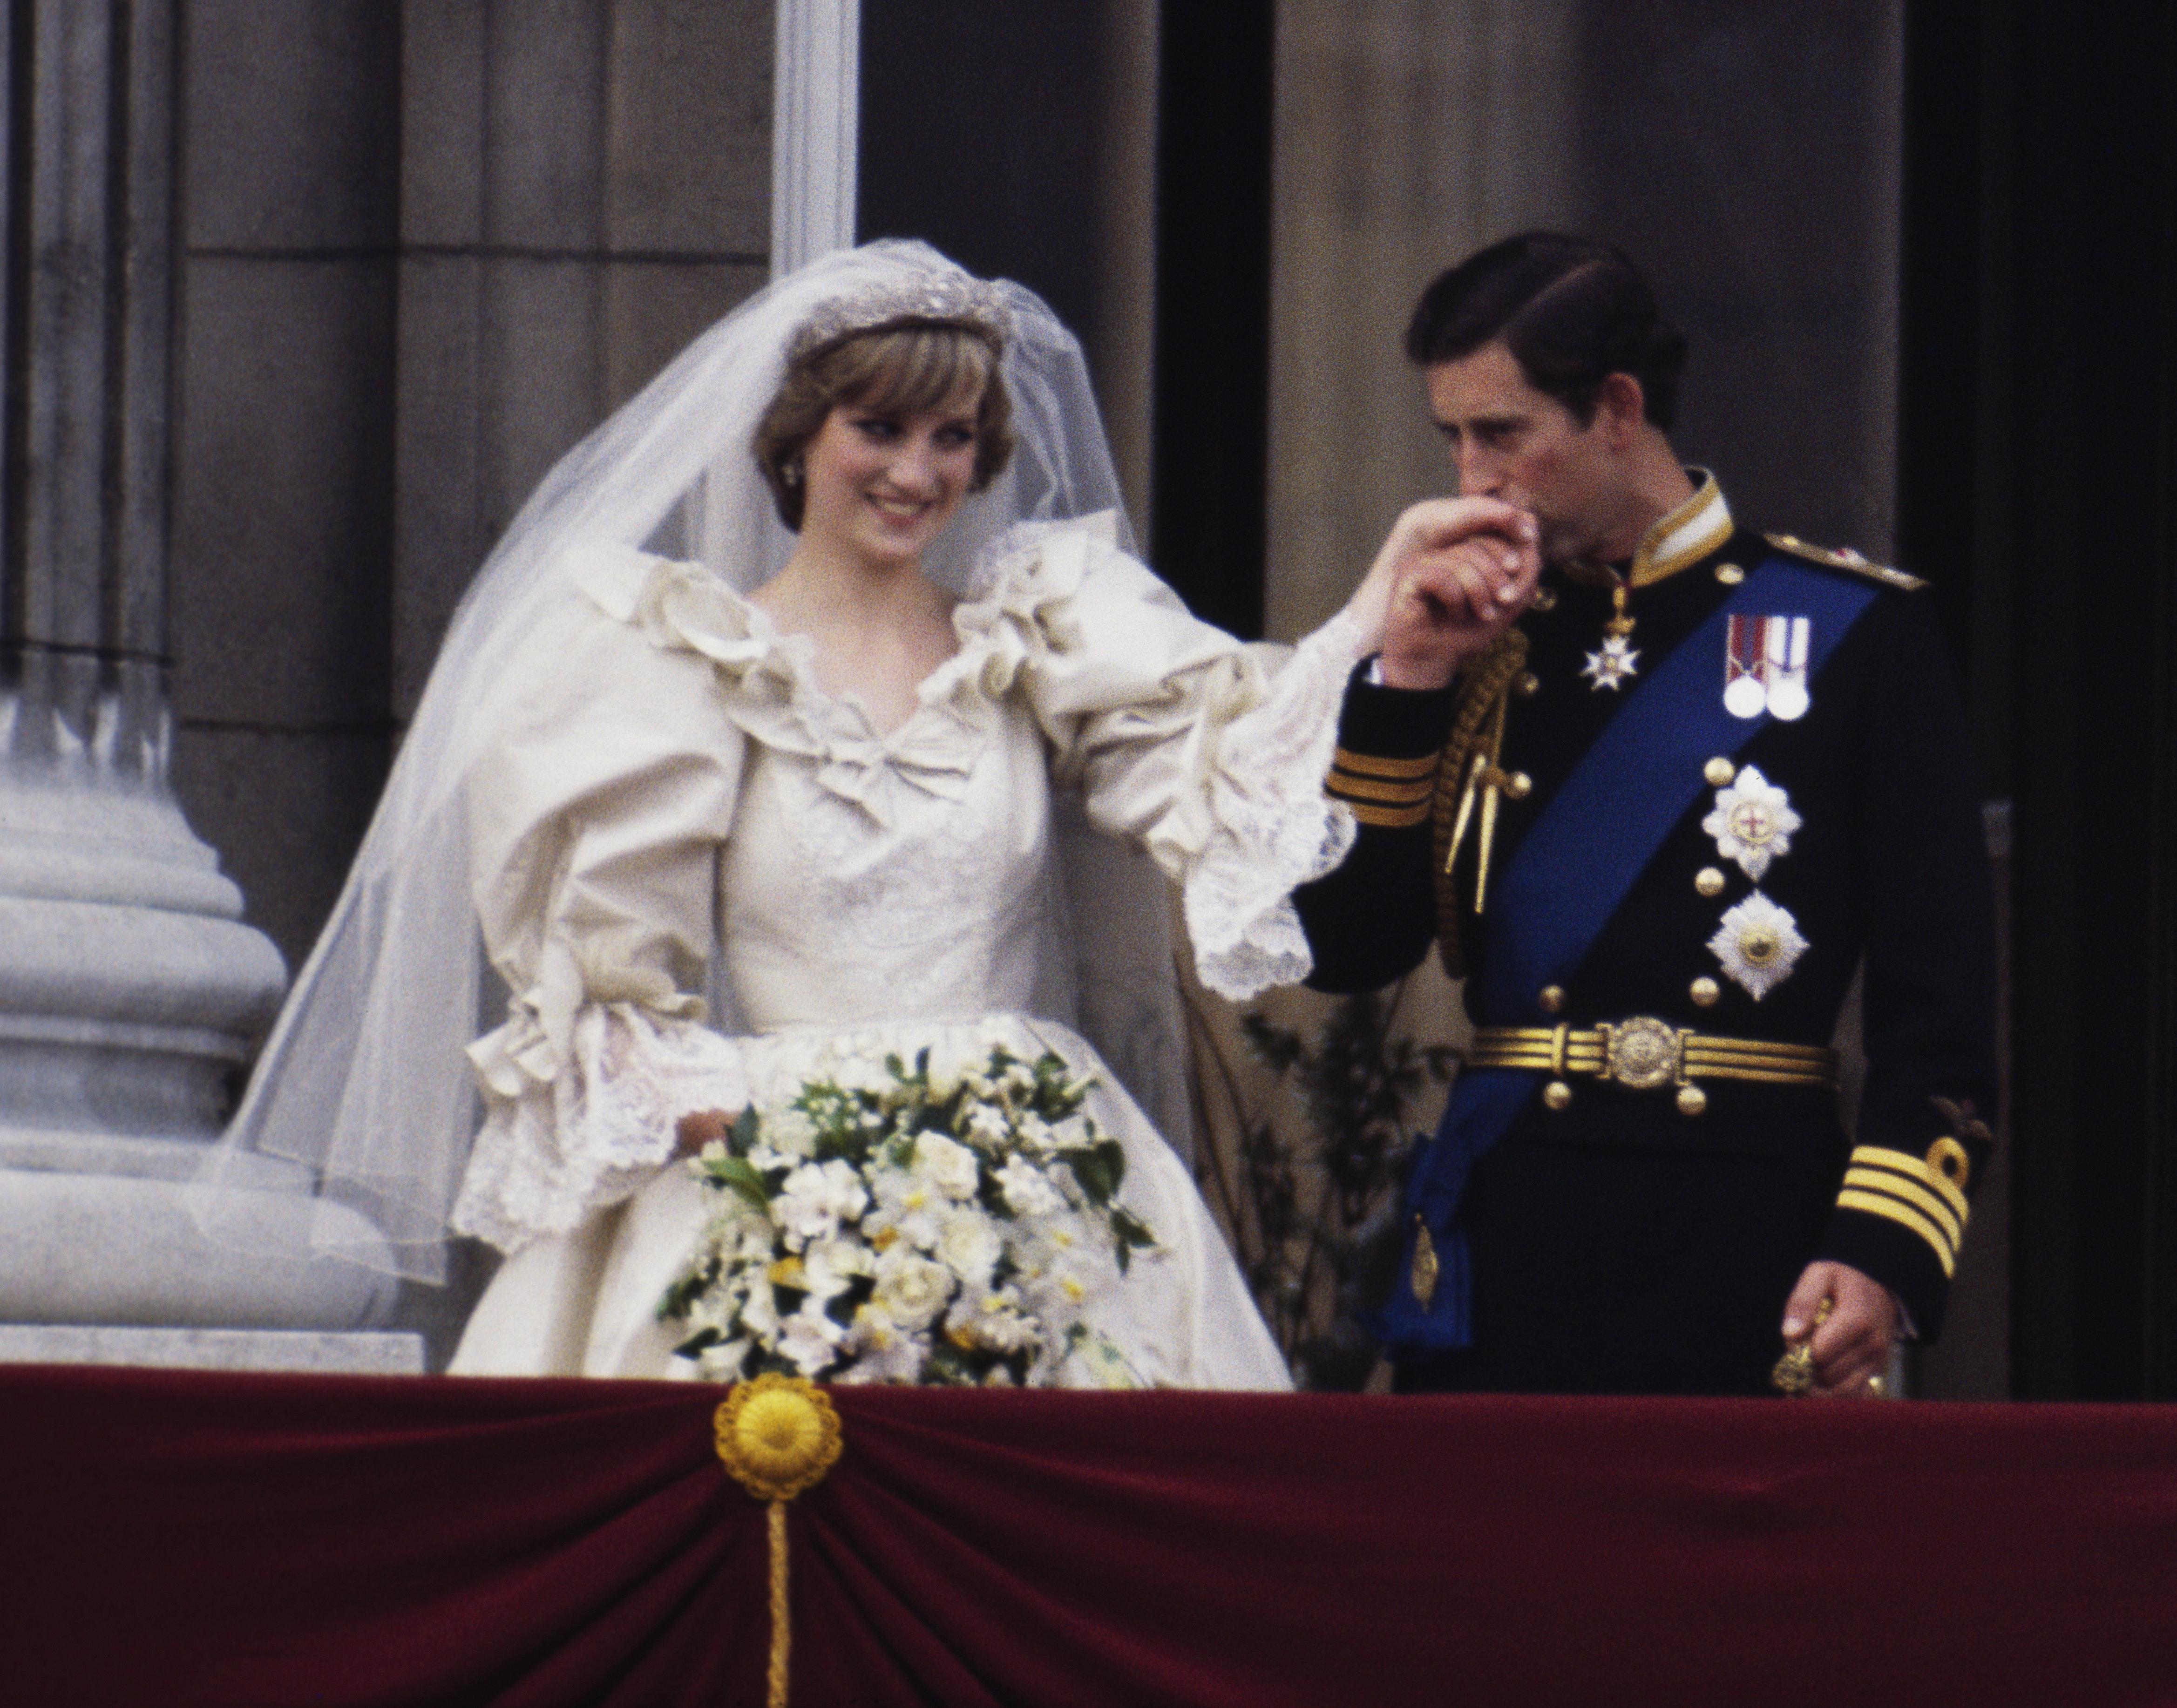 Carlos llevó un uniforme militar en su boda en julio de